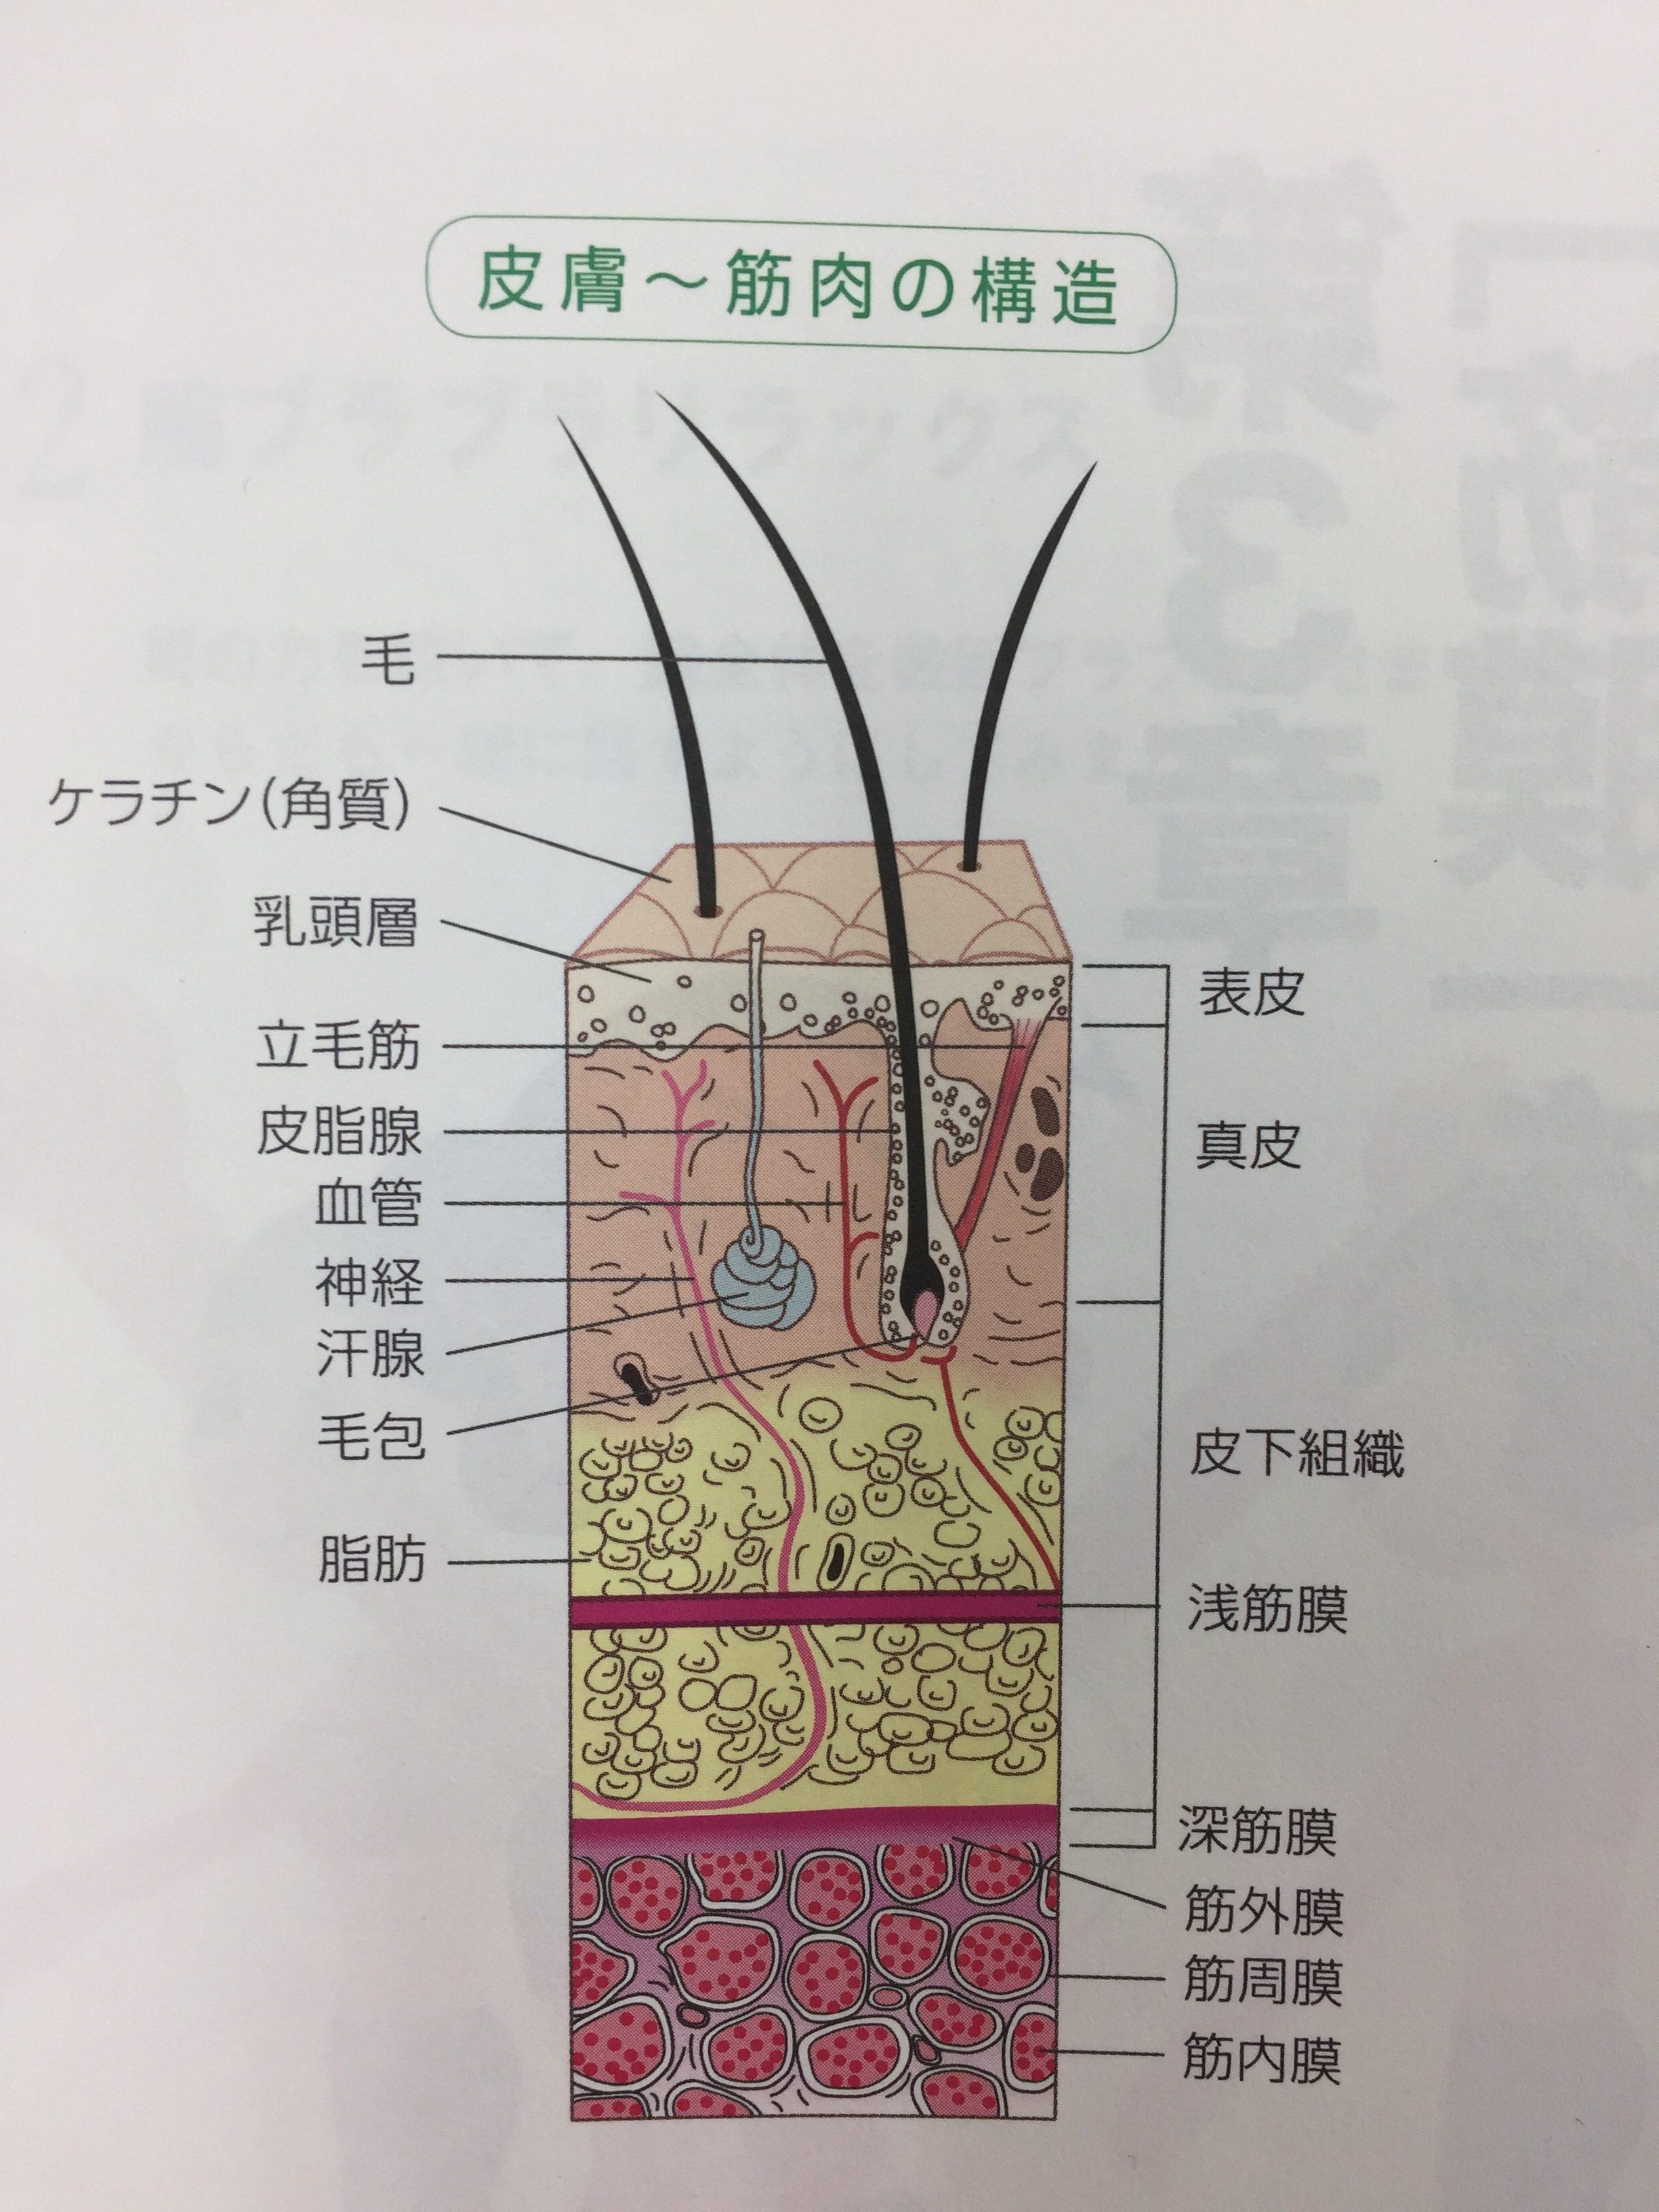 仙台の整体で筋膜リリースをしているルーツ